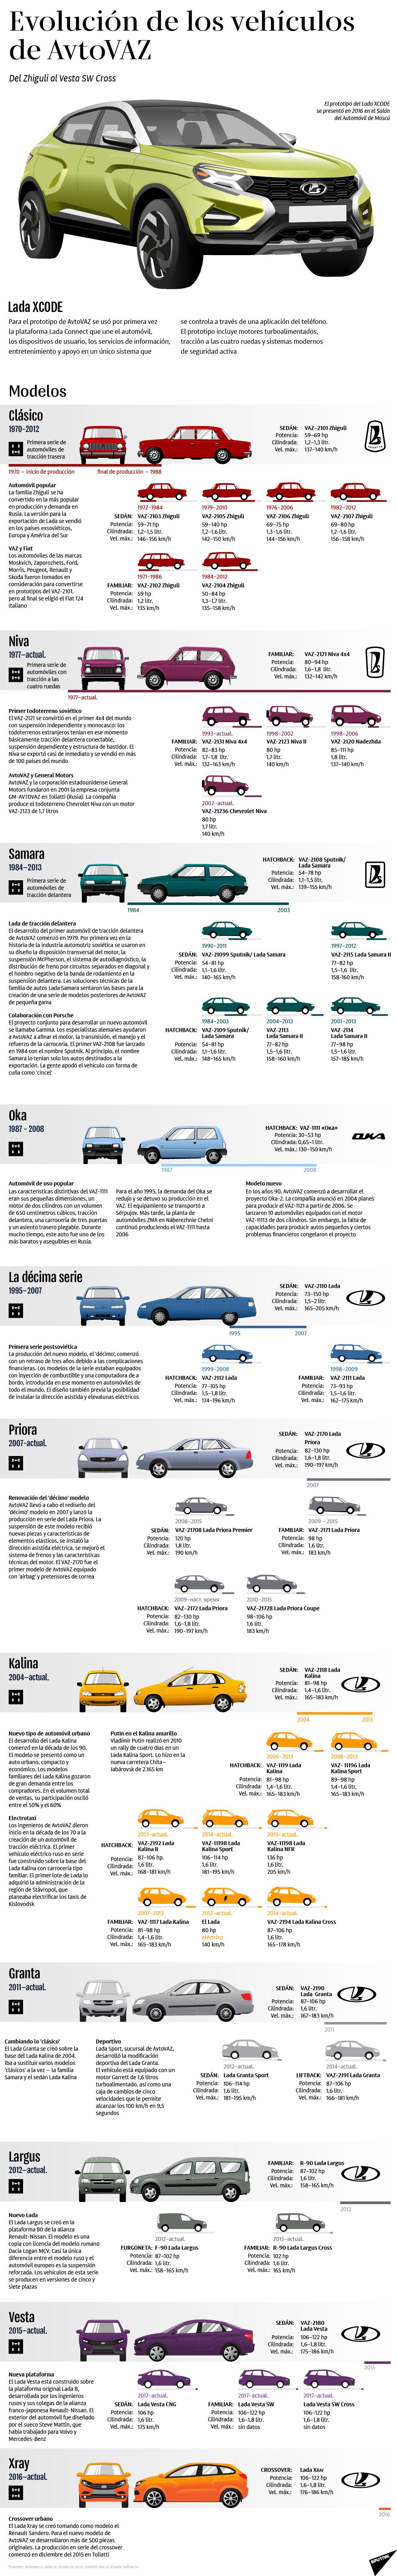 La evolución de los famosos Lada rusos